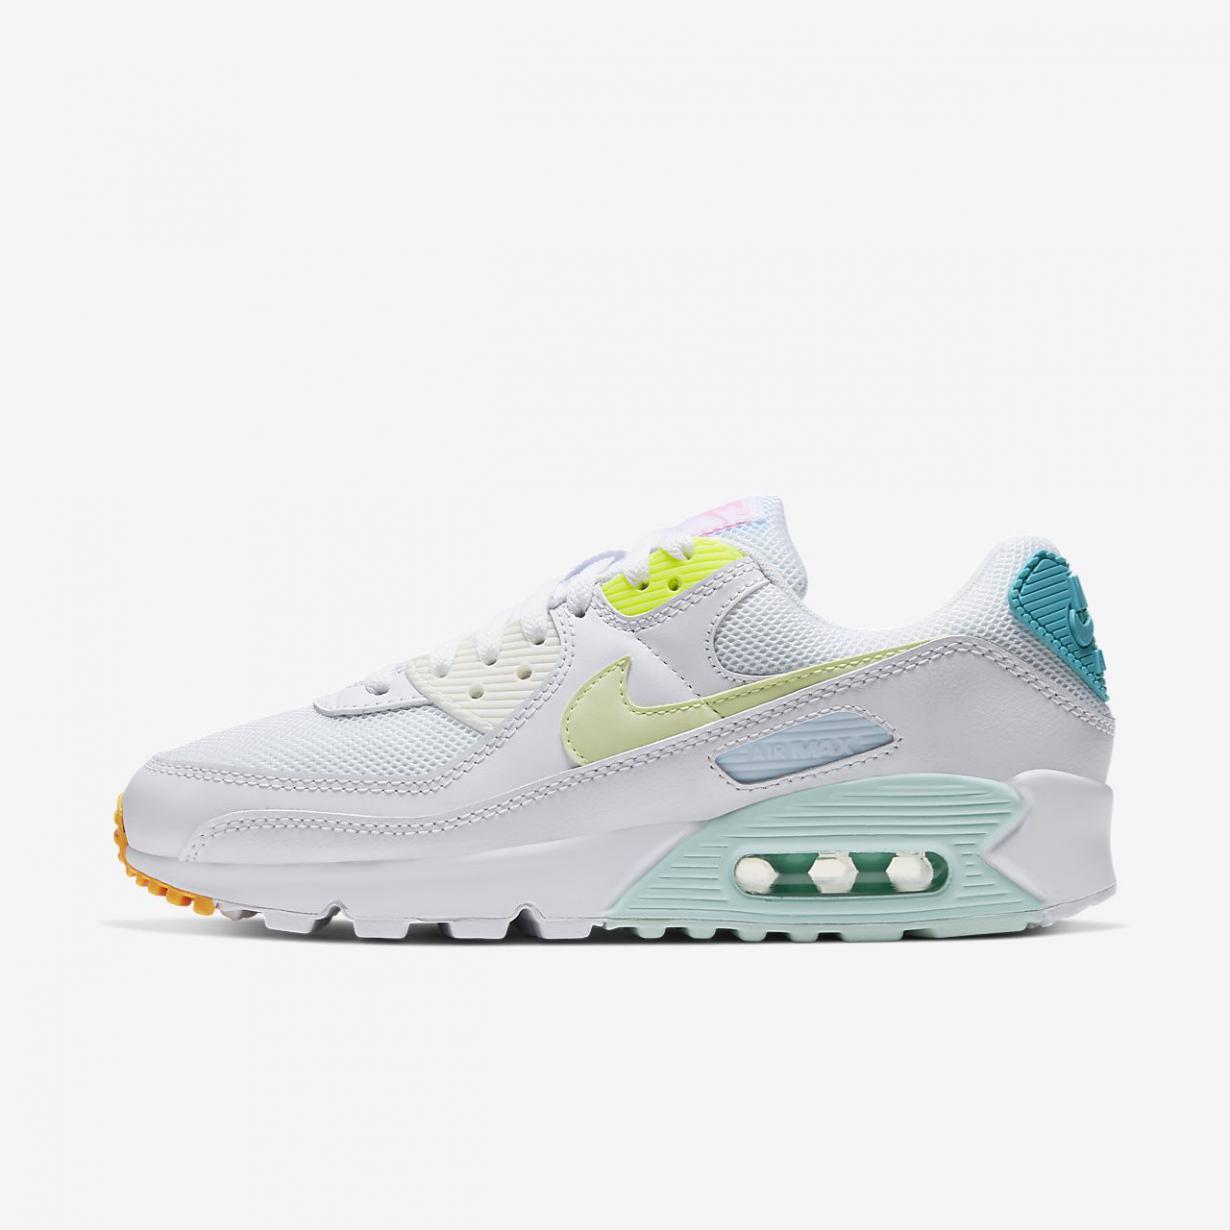 Lifestyle Femme | Air Max 90 Blanc/Vert aurore/Volt/Jaune pâle électrique | Nike < Gooddaytricities